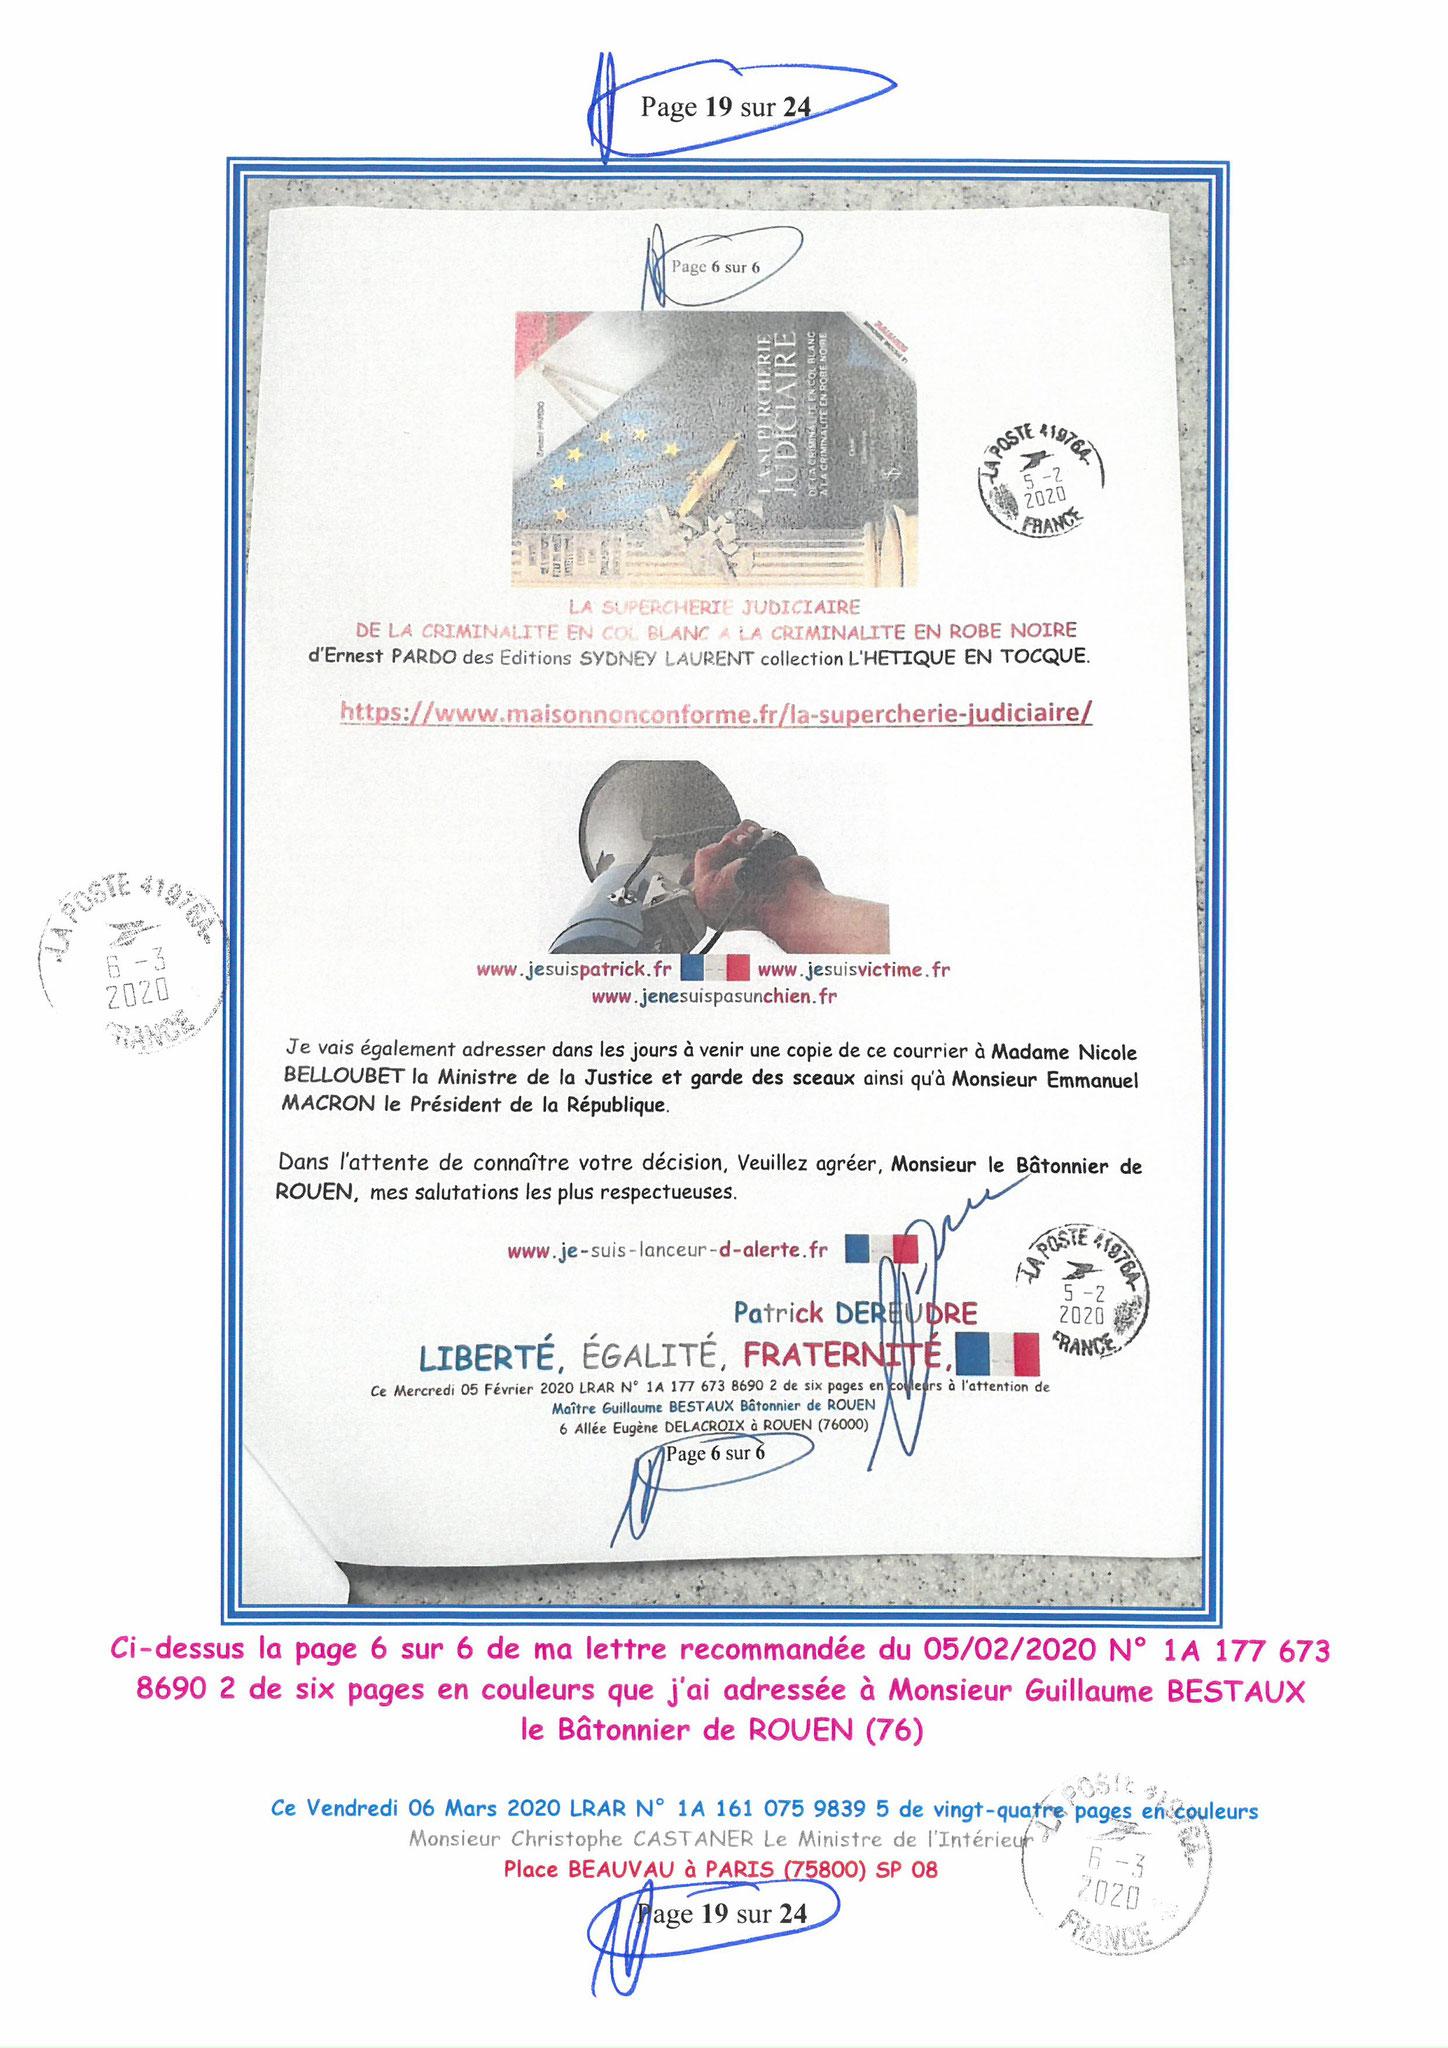 Ma LRAR à Monsieur le Ministre de l'Intérieur Christophe CASTANER N°1A 161 075 9839 5  Page 19 sur 24 en couleur du 06 Mars 2020  www.jesuispatrick.fr www.jesuisvictime.fr www.alerte-rouge-france.fr